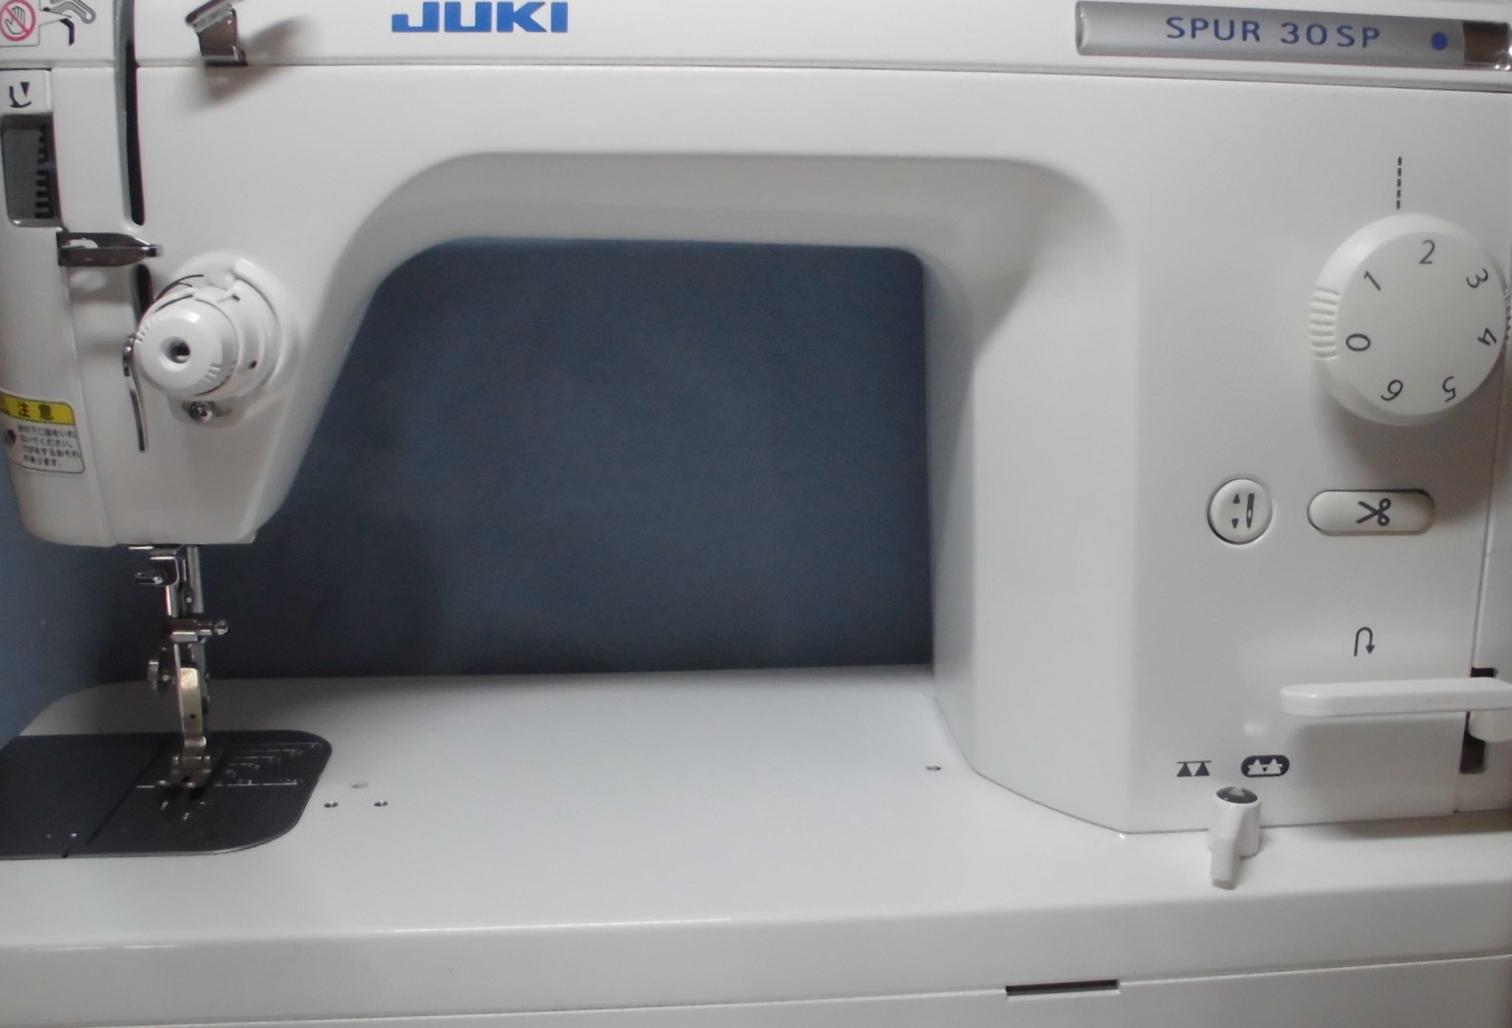 ジューキ職業用ミシン修理|シュプール30SP|正常に縫えない、糸が絡まる、糸が切れる、異音